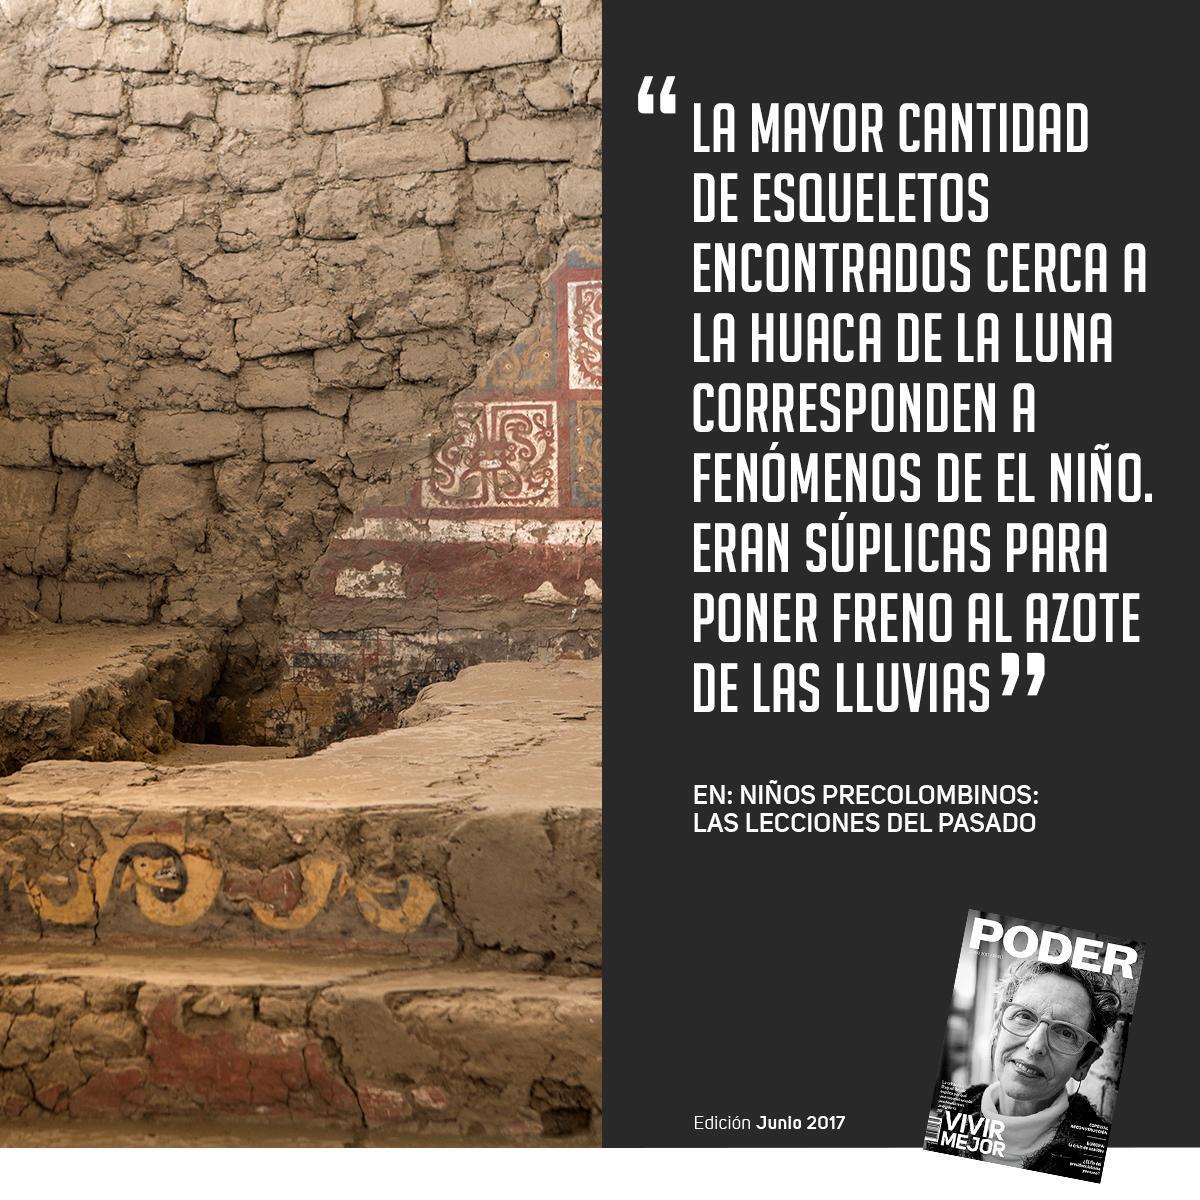 Revista Poder Peru On Twitter Las Culturas Prehispanicas Los Valles Y Desiertos Se Reinventaron Con El Fenomeno Del Nino Enterate Mas En La Ultima Edicion De Poder Https T Co Jtdl48asxd